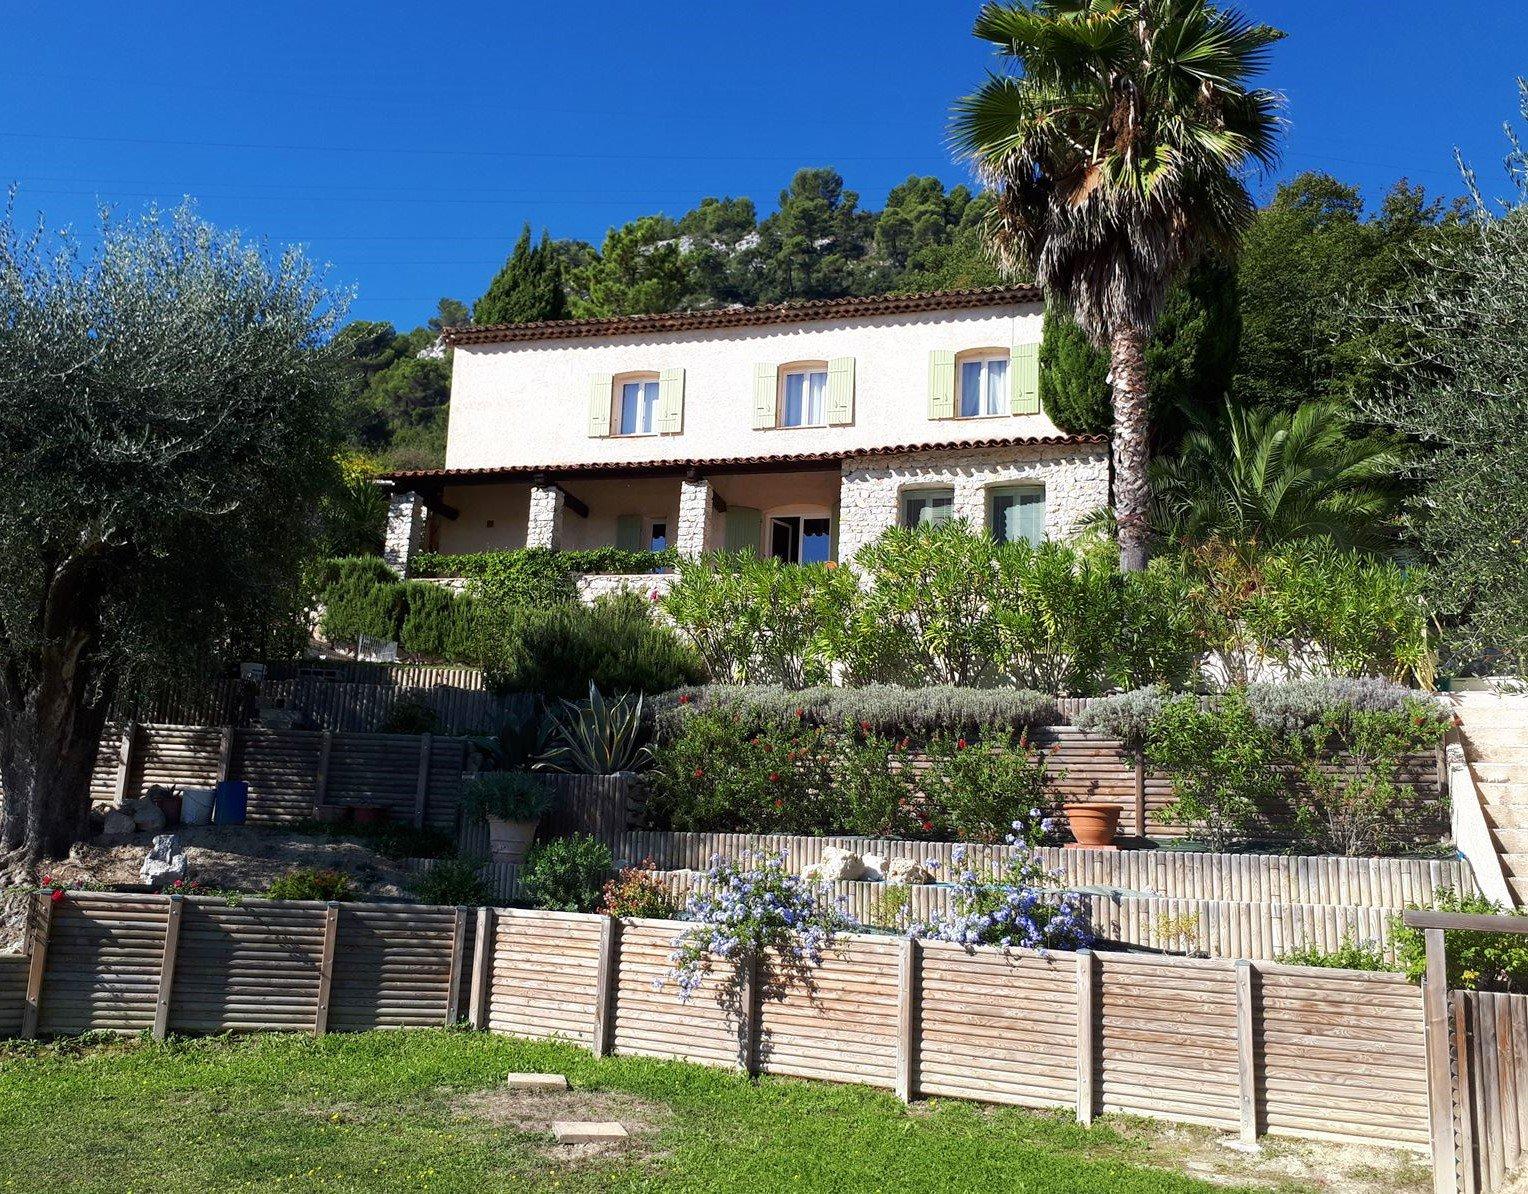 Vente Villa - Tourrette-Levens